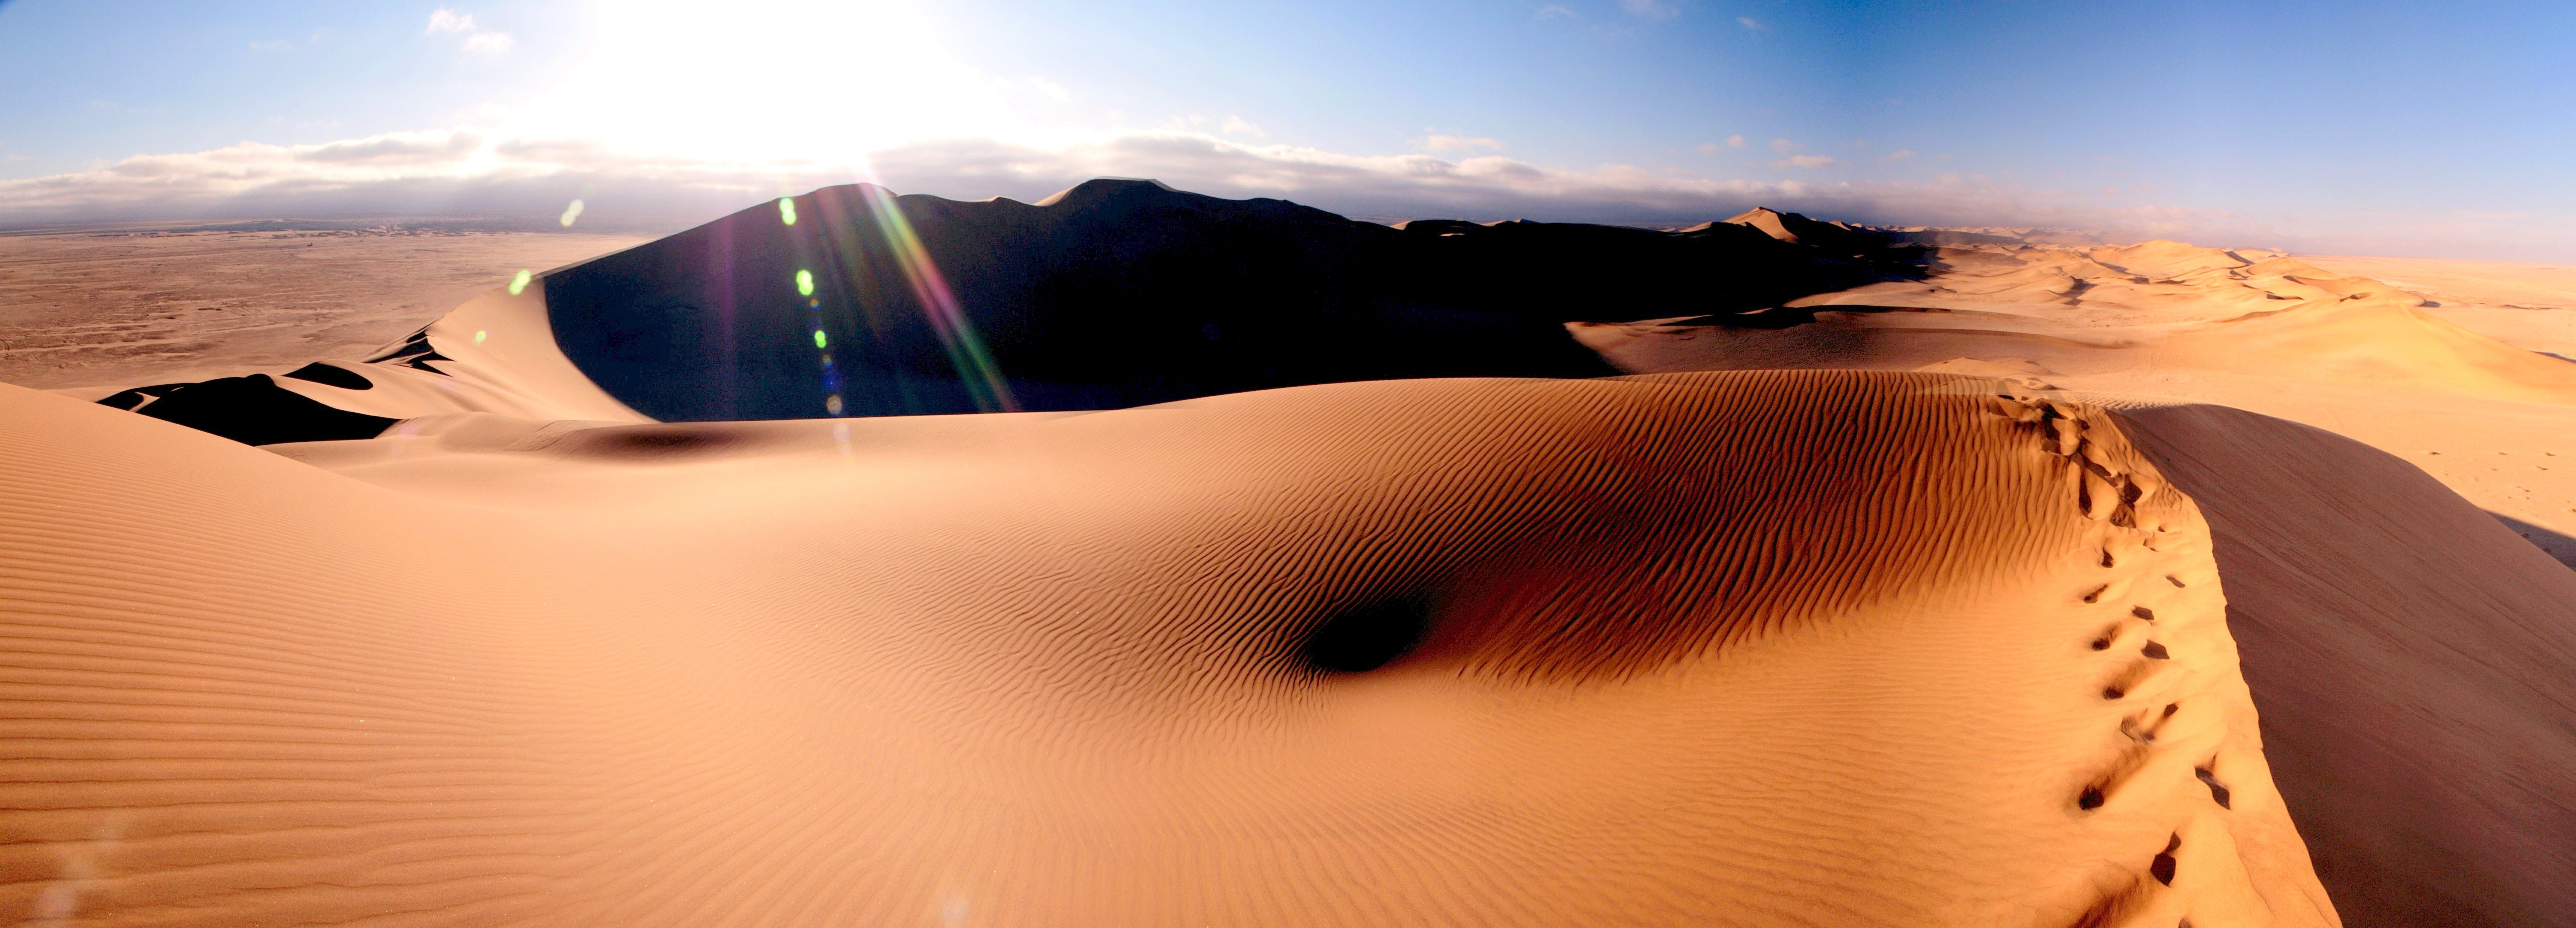 Fotos de stock gratuitas de arena, atractivo, Desierto, dunas